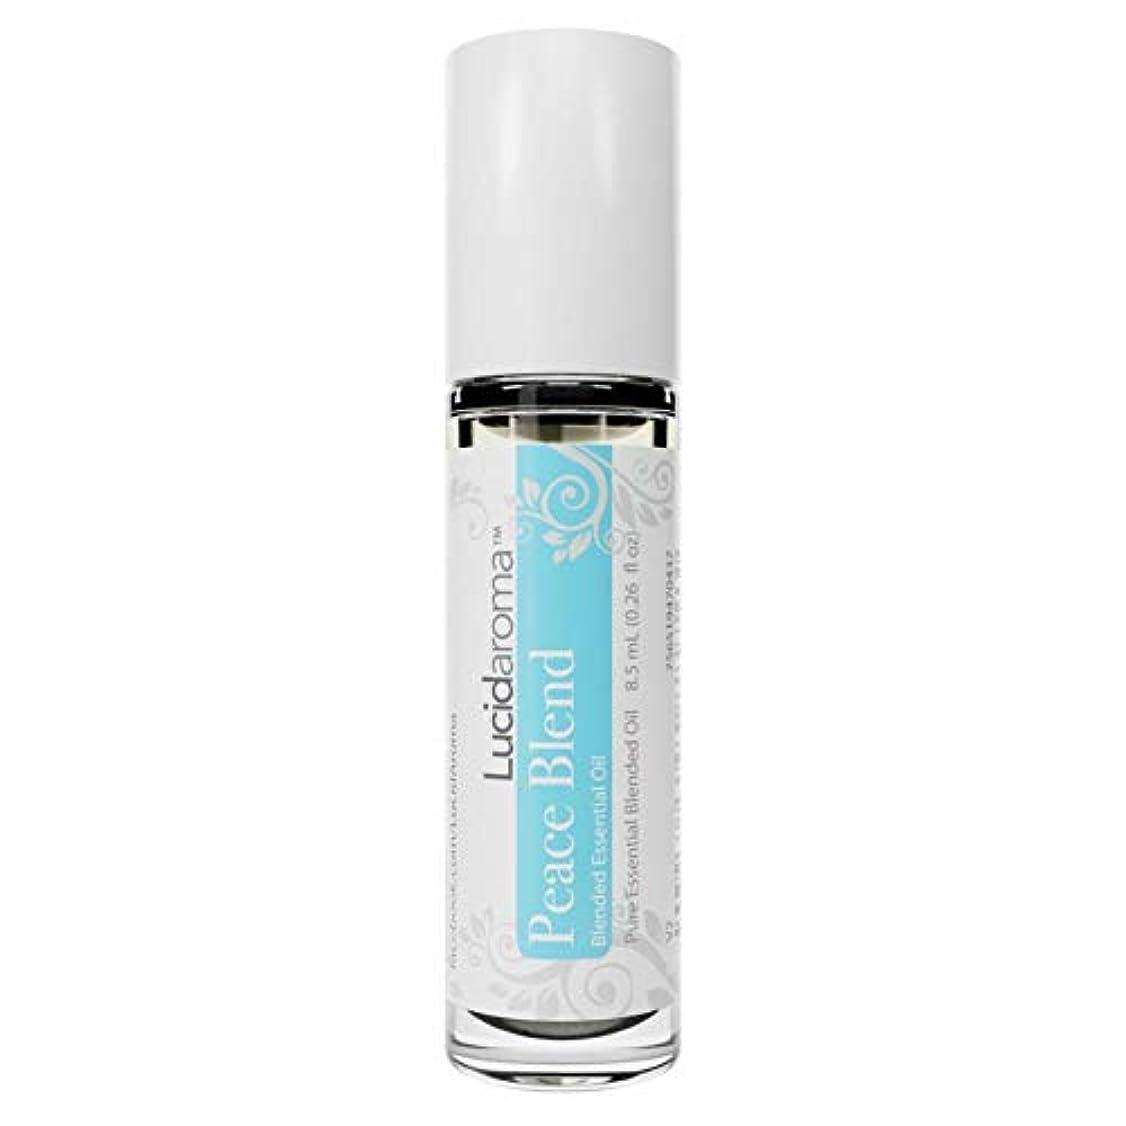 分デッドロックドロップLucid Aroma Peace Blend ピース ブレンド ロールオン アロマオイル 8.5mL (塗るアロマ) 100%天然 携帯便利 ピュア エッセンシャル アメリカ製